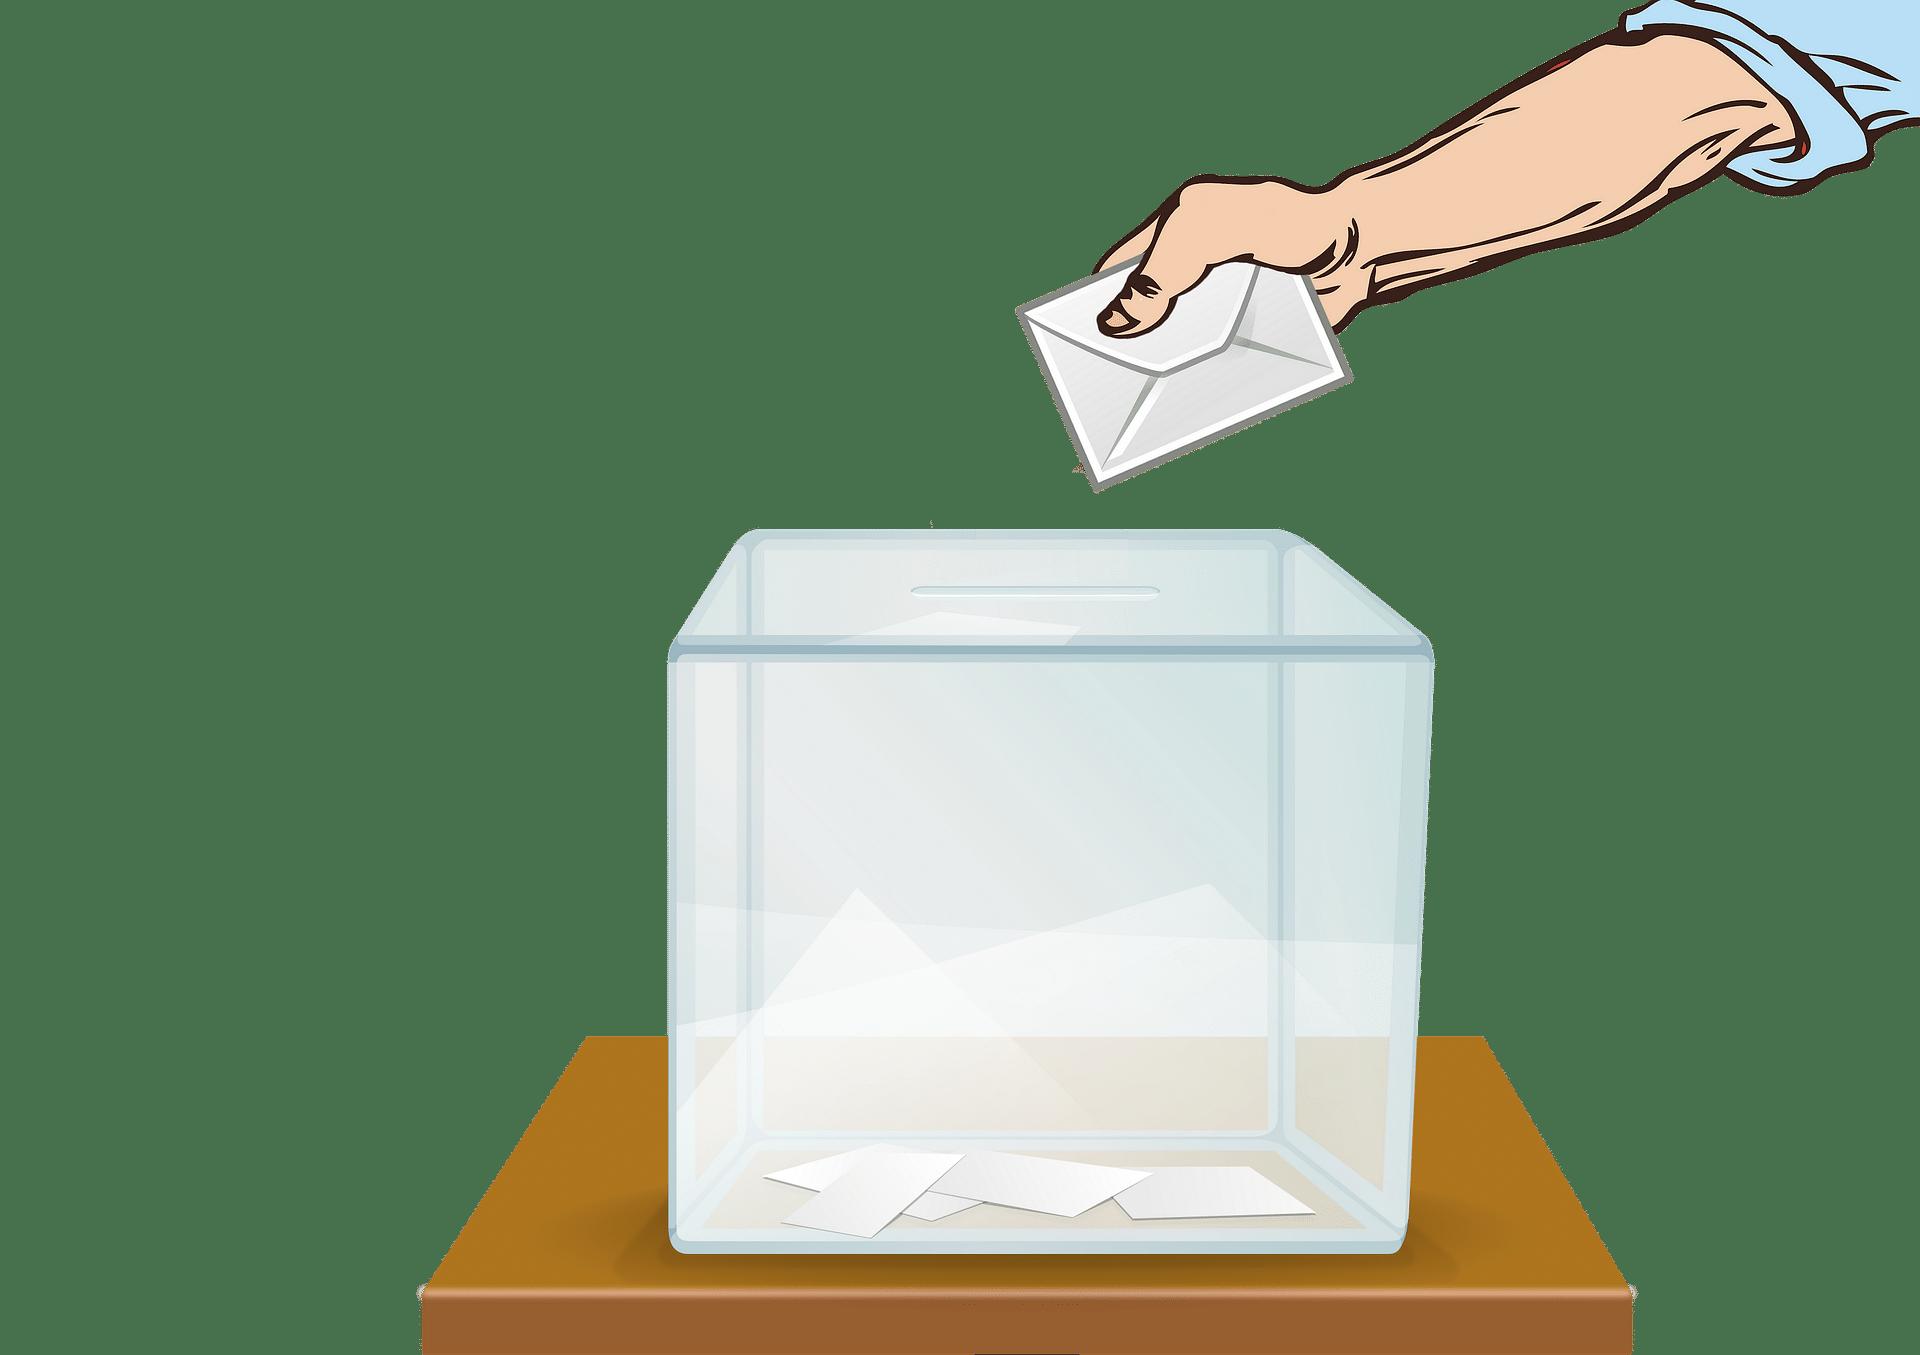 Wahlen und Demokratie